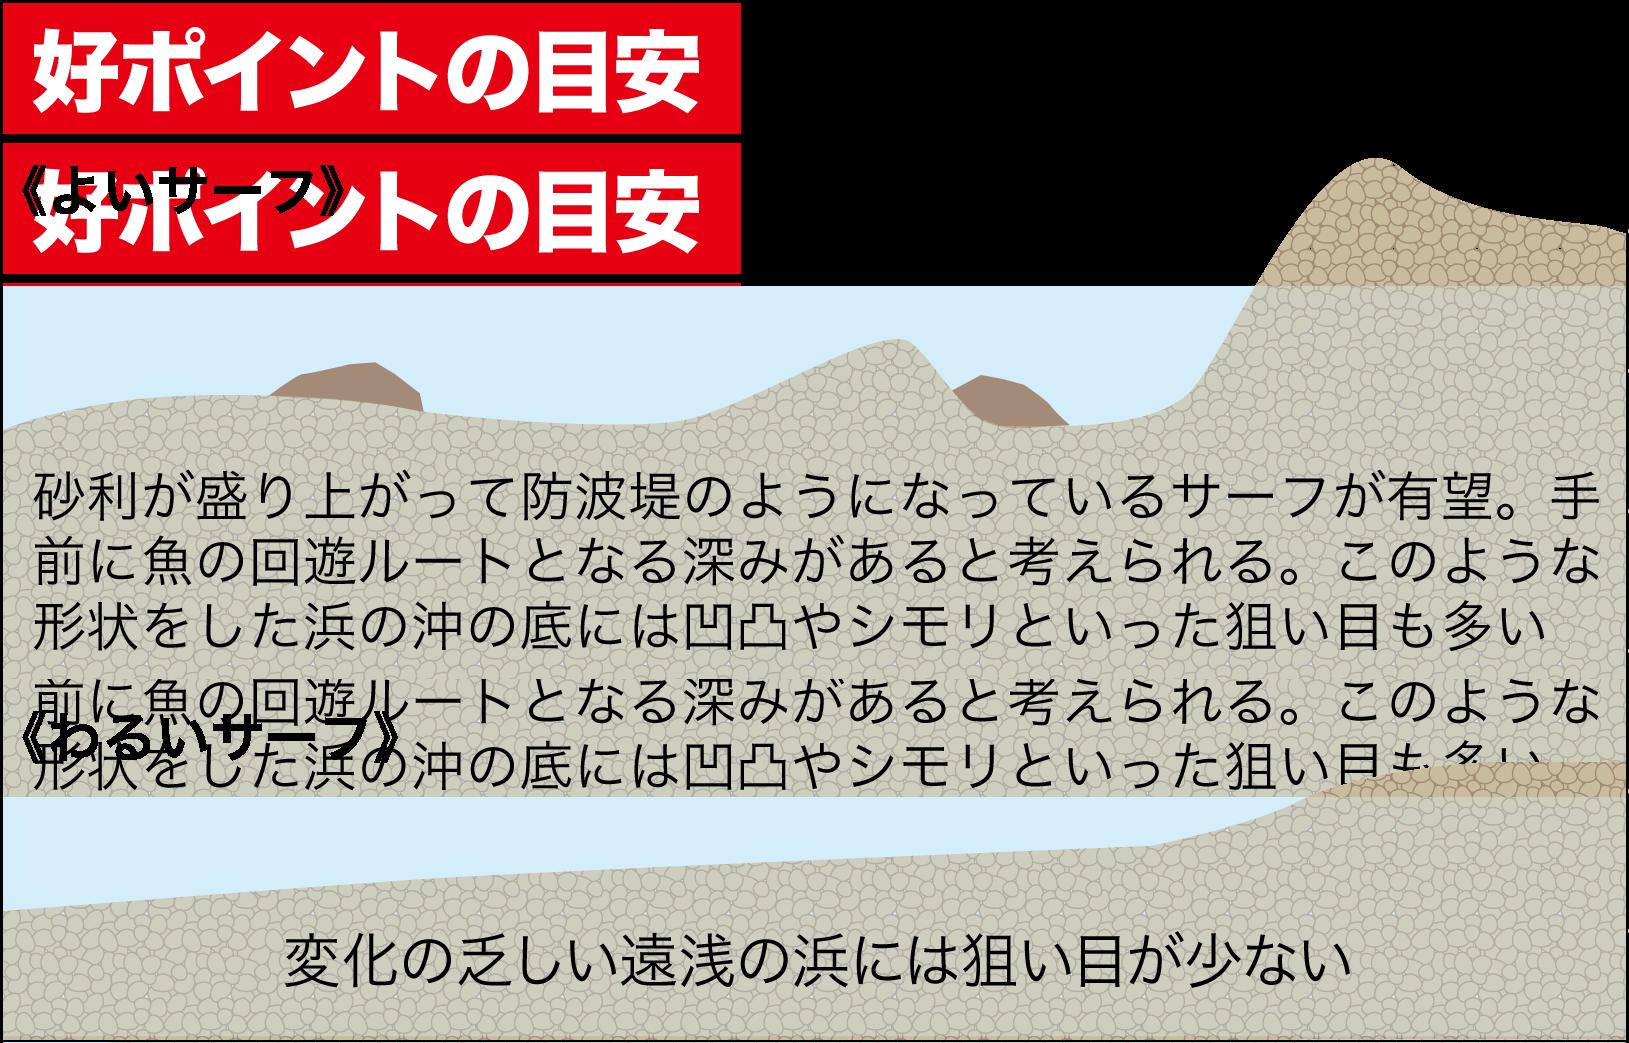 七里御浜カゴ釣りプラン2